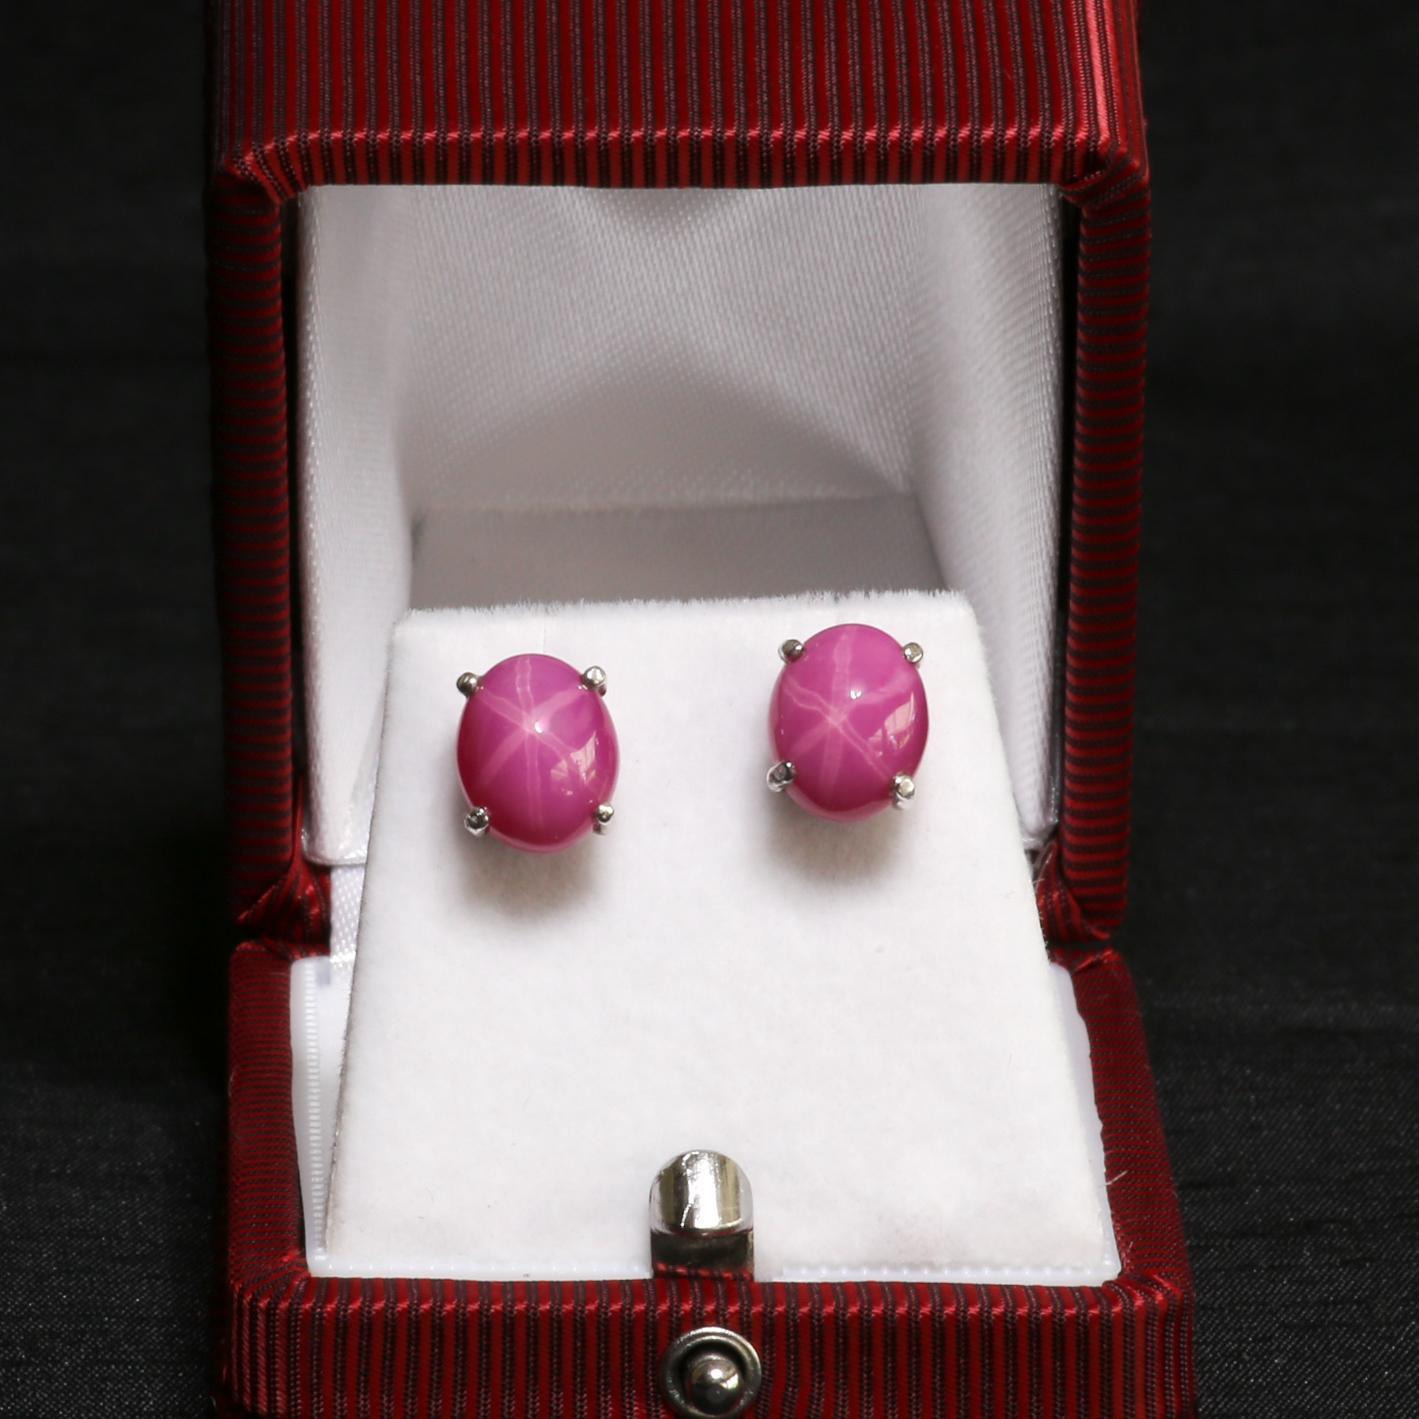 Lady's Vintage 14K Star Ruby Stud Earrings